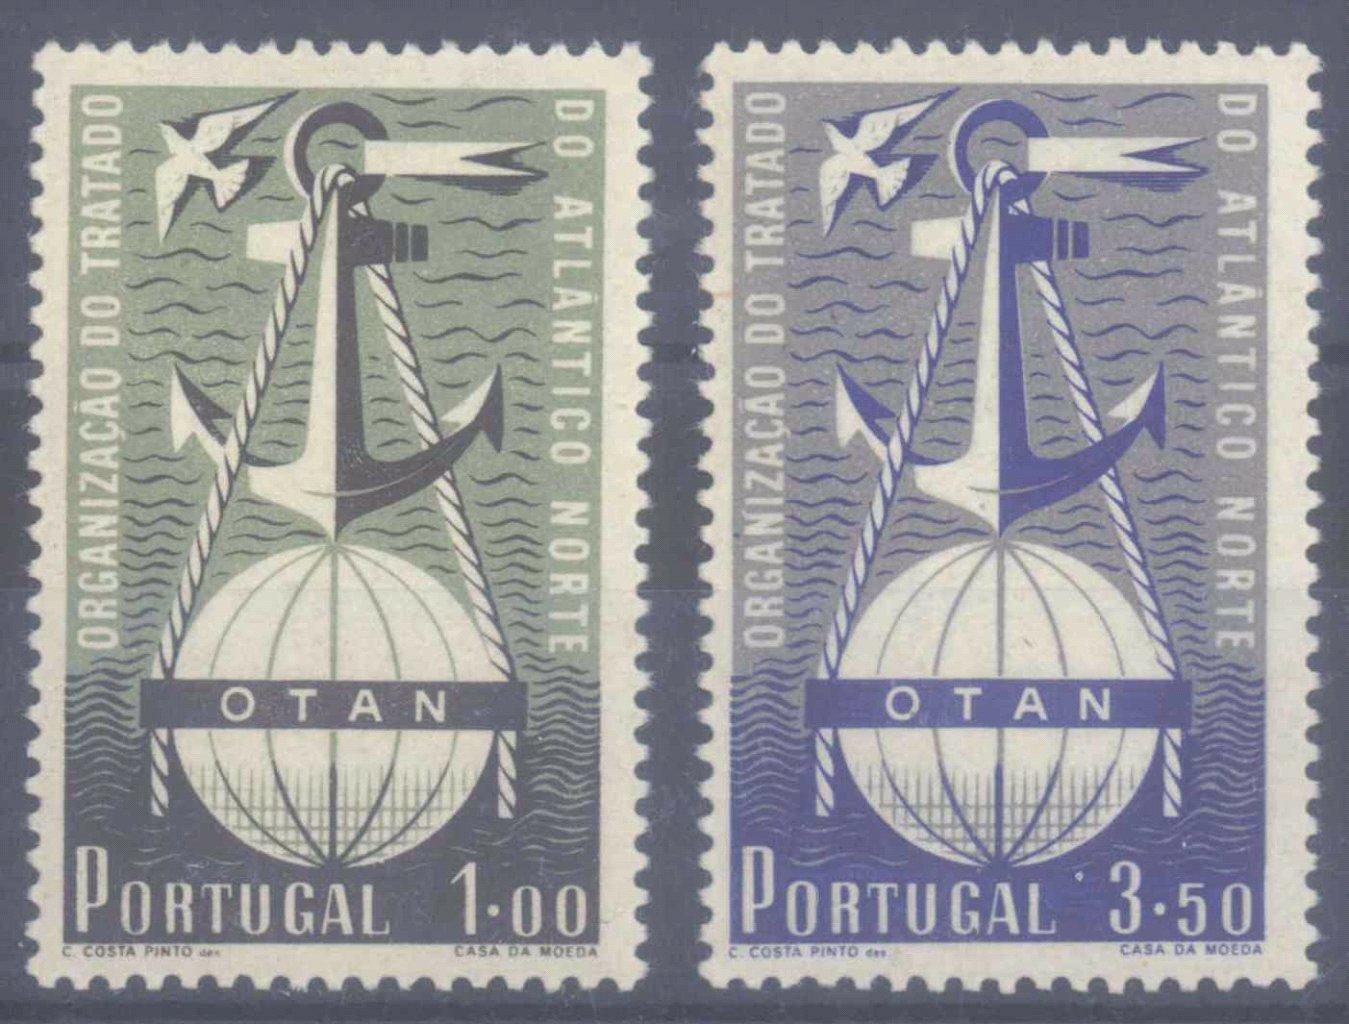 PORTUGAL 1952 NATO (OTAN)